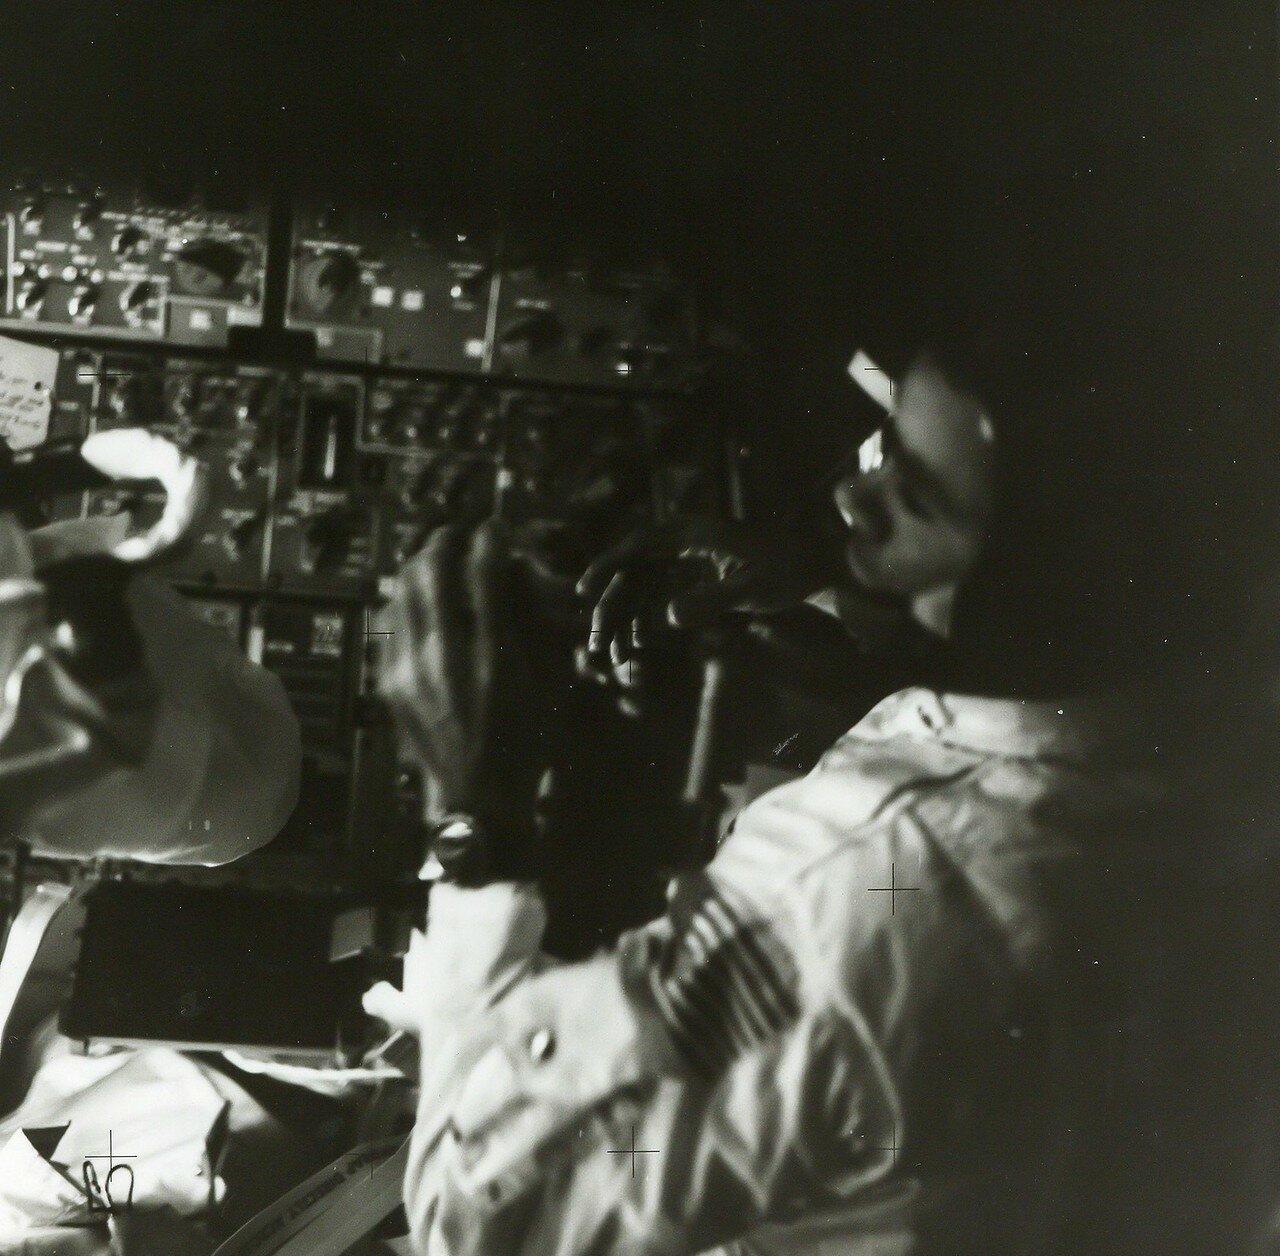 Ловелл стравил давление из туннеля в космос до 0.19 атм. Суайгерт подорвал пироболты, стягивающие туннель и командный модуль. Остаточное давление мягко оттолкнуло модули друг от друга в 16 часов 43 минуты. На снимке: Астронавты внутри Лунного Модуля